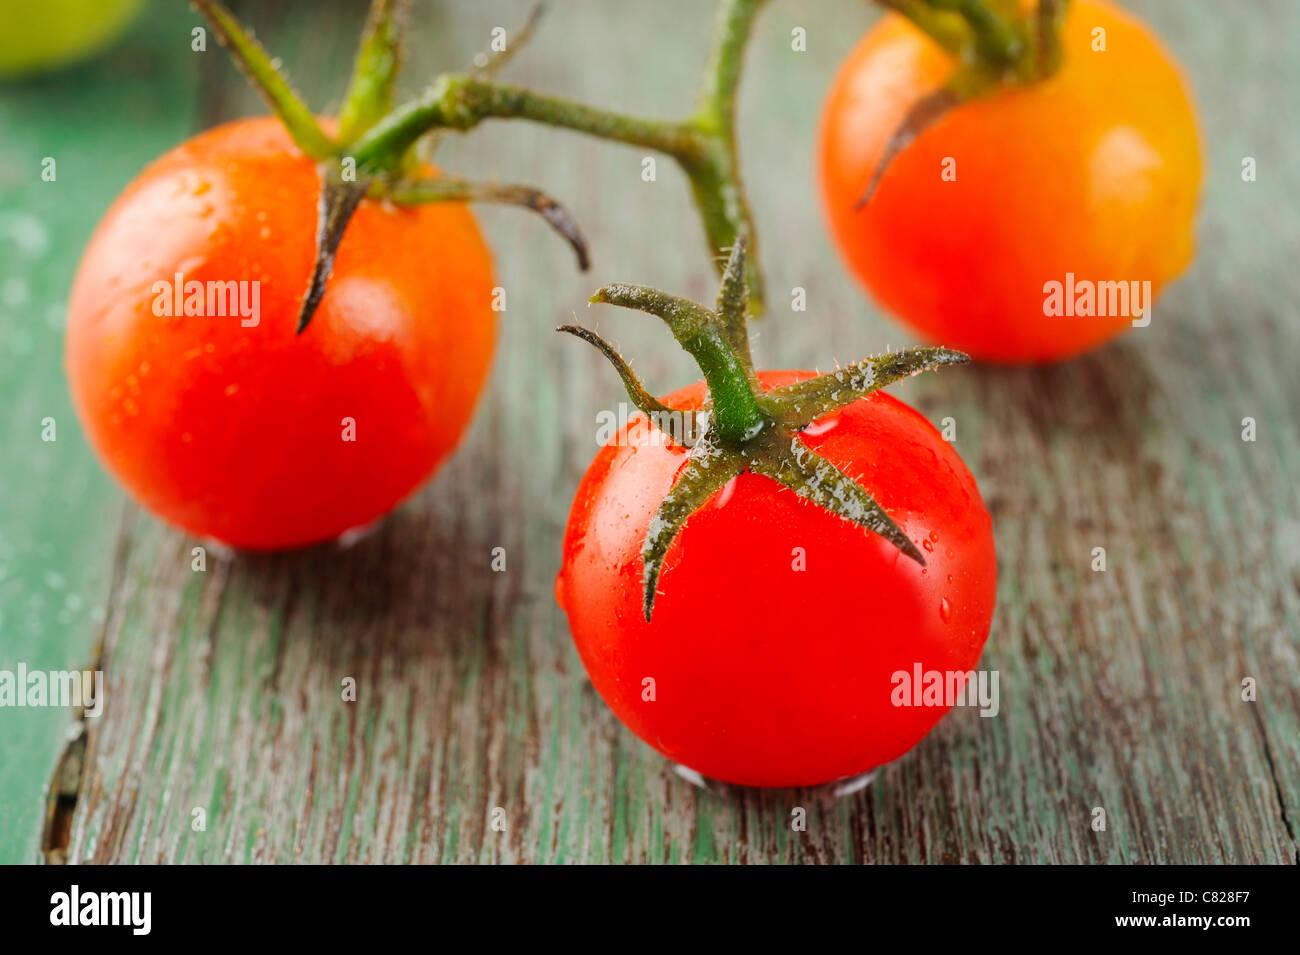 Tomato on wood - Stock Image